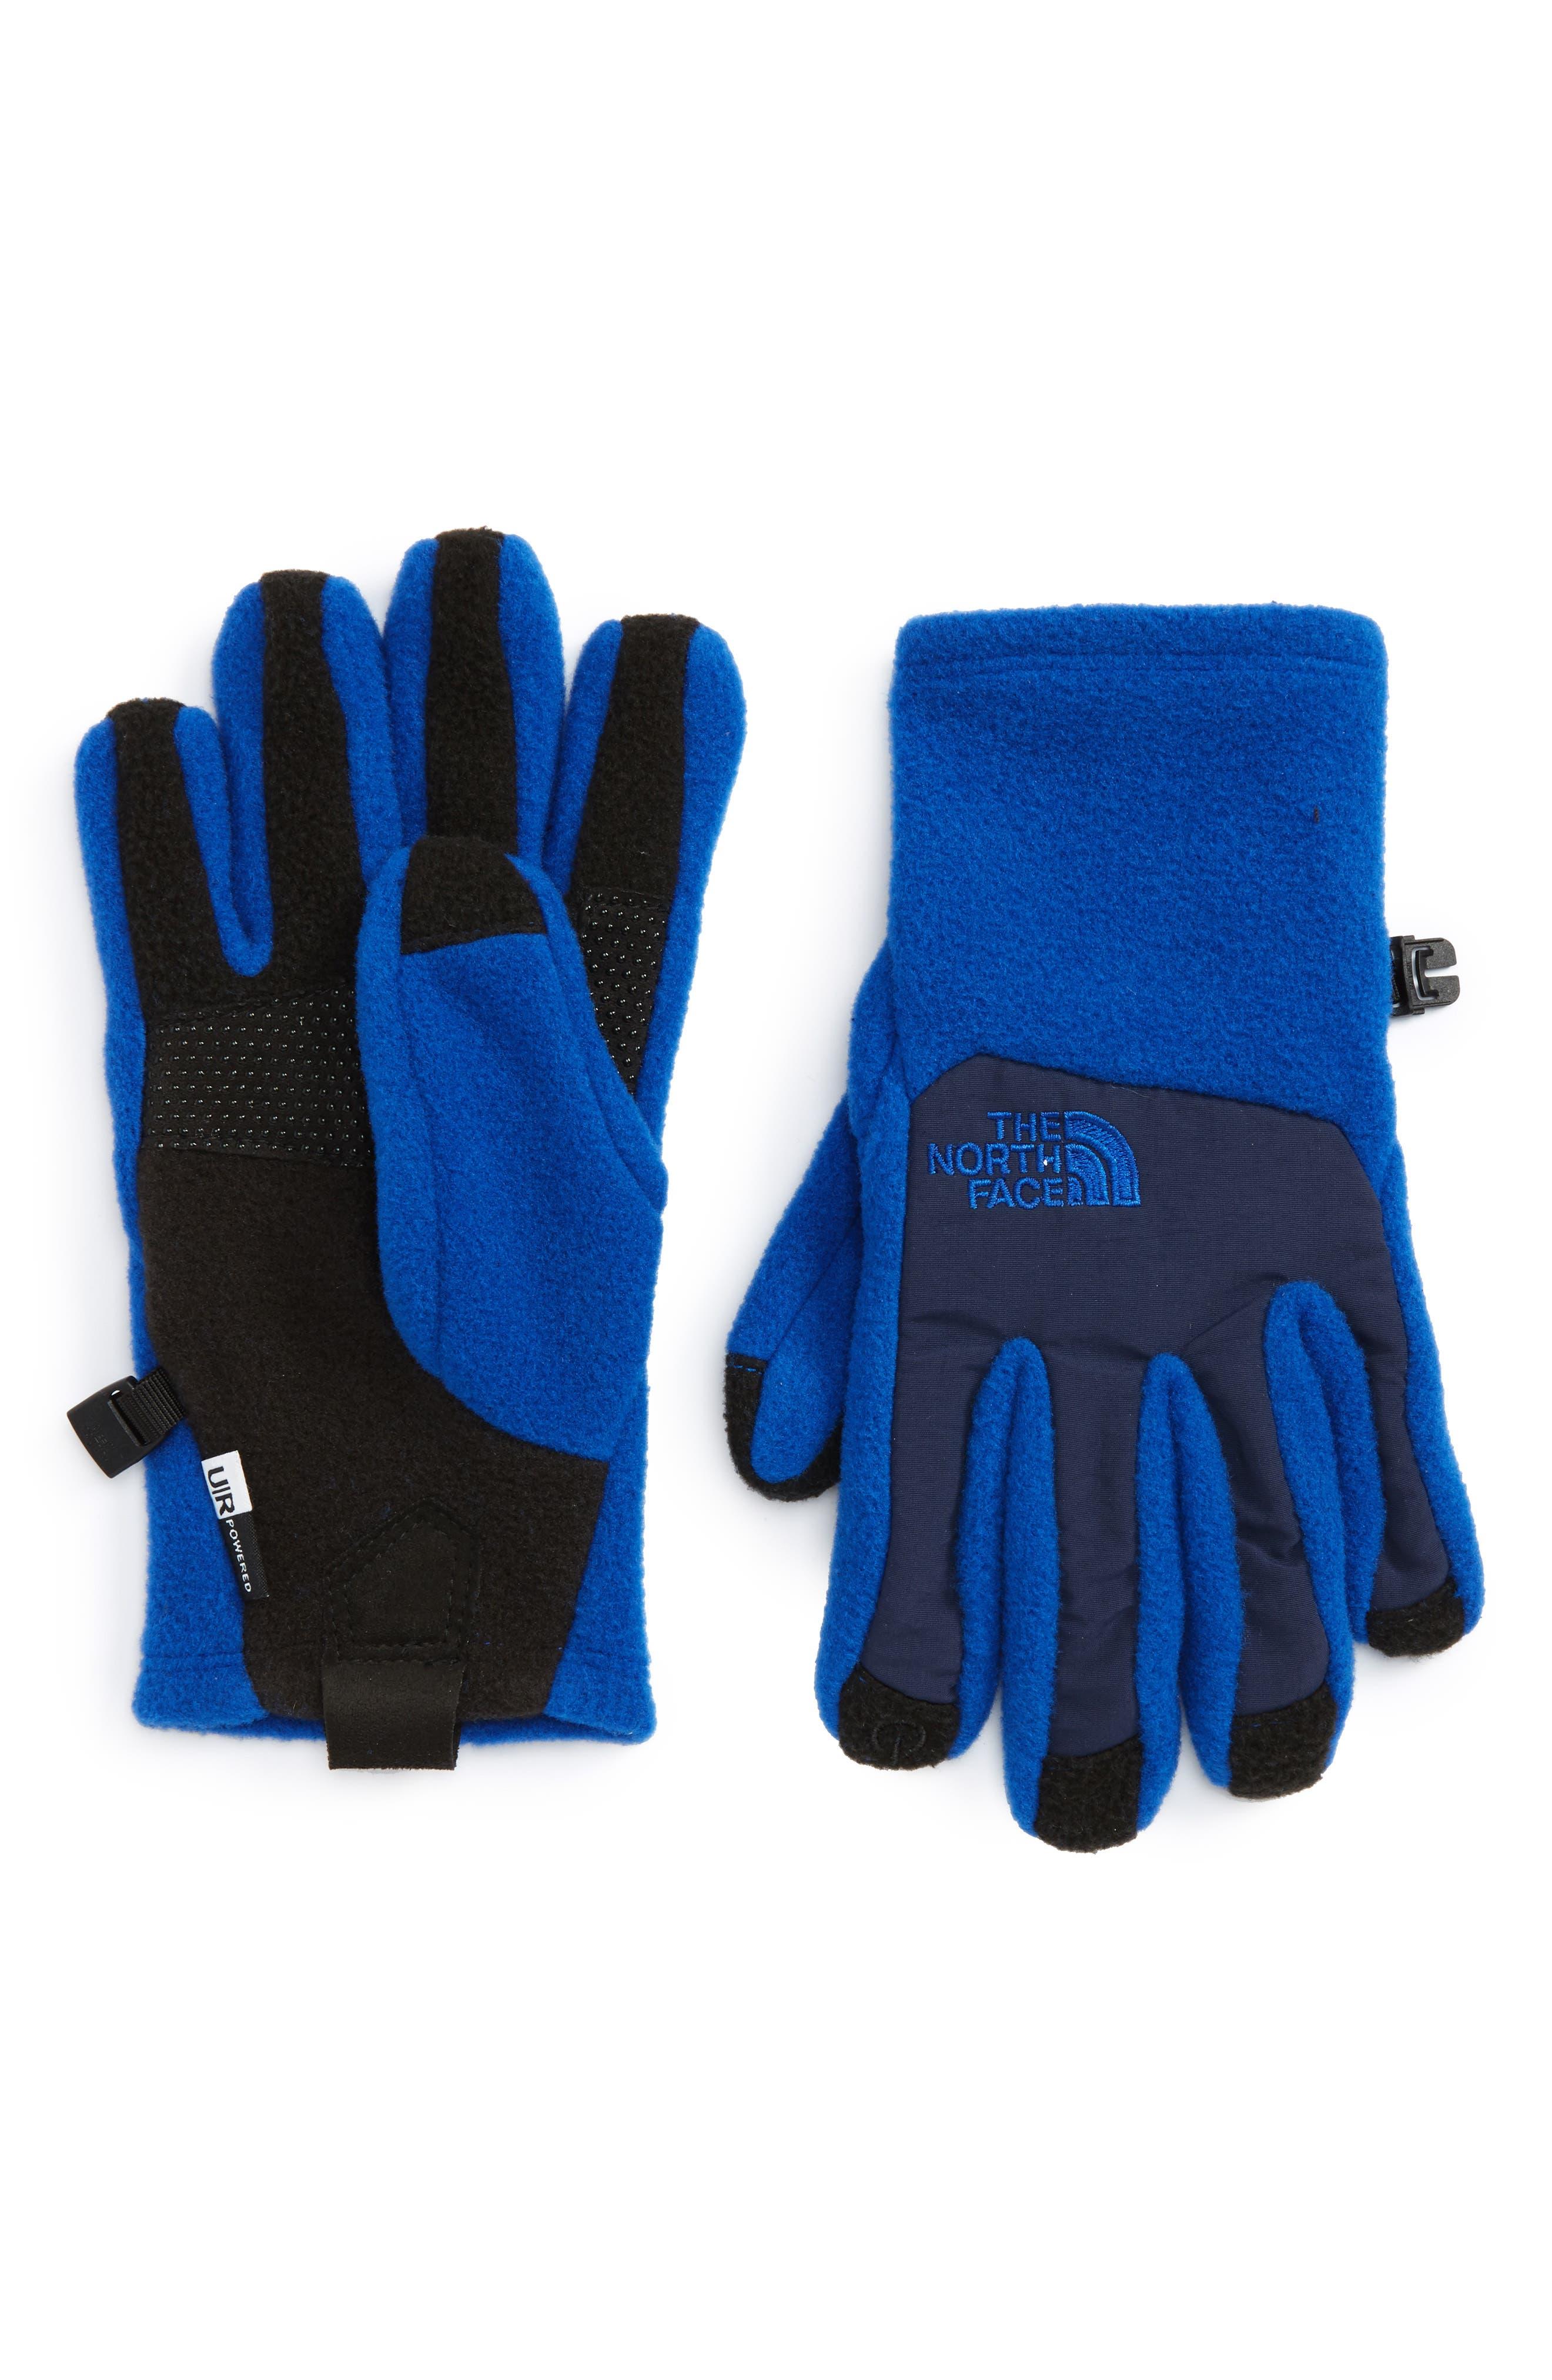 Denali Etip Gloves,                         Main,                         color, Cobalt Blue/ Cosmic Blue